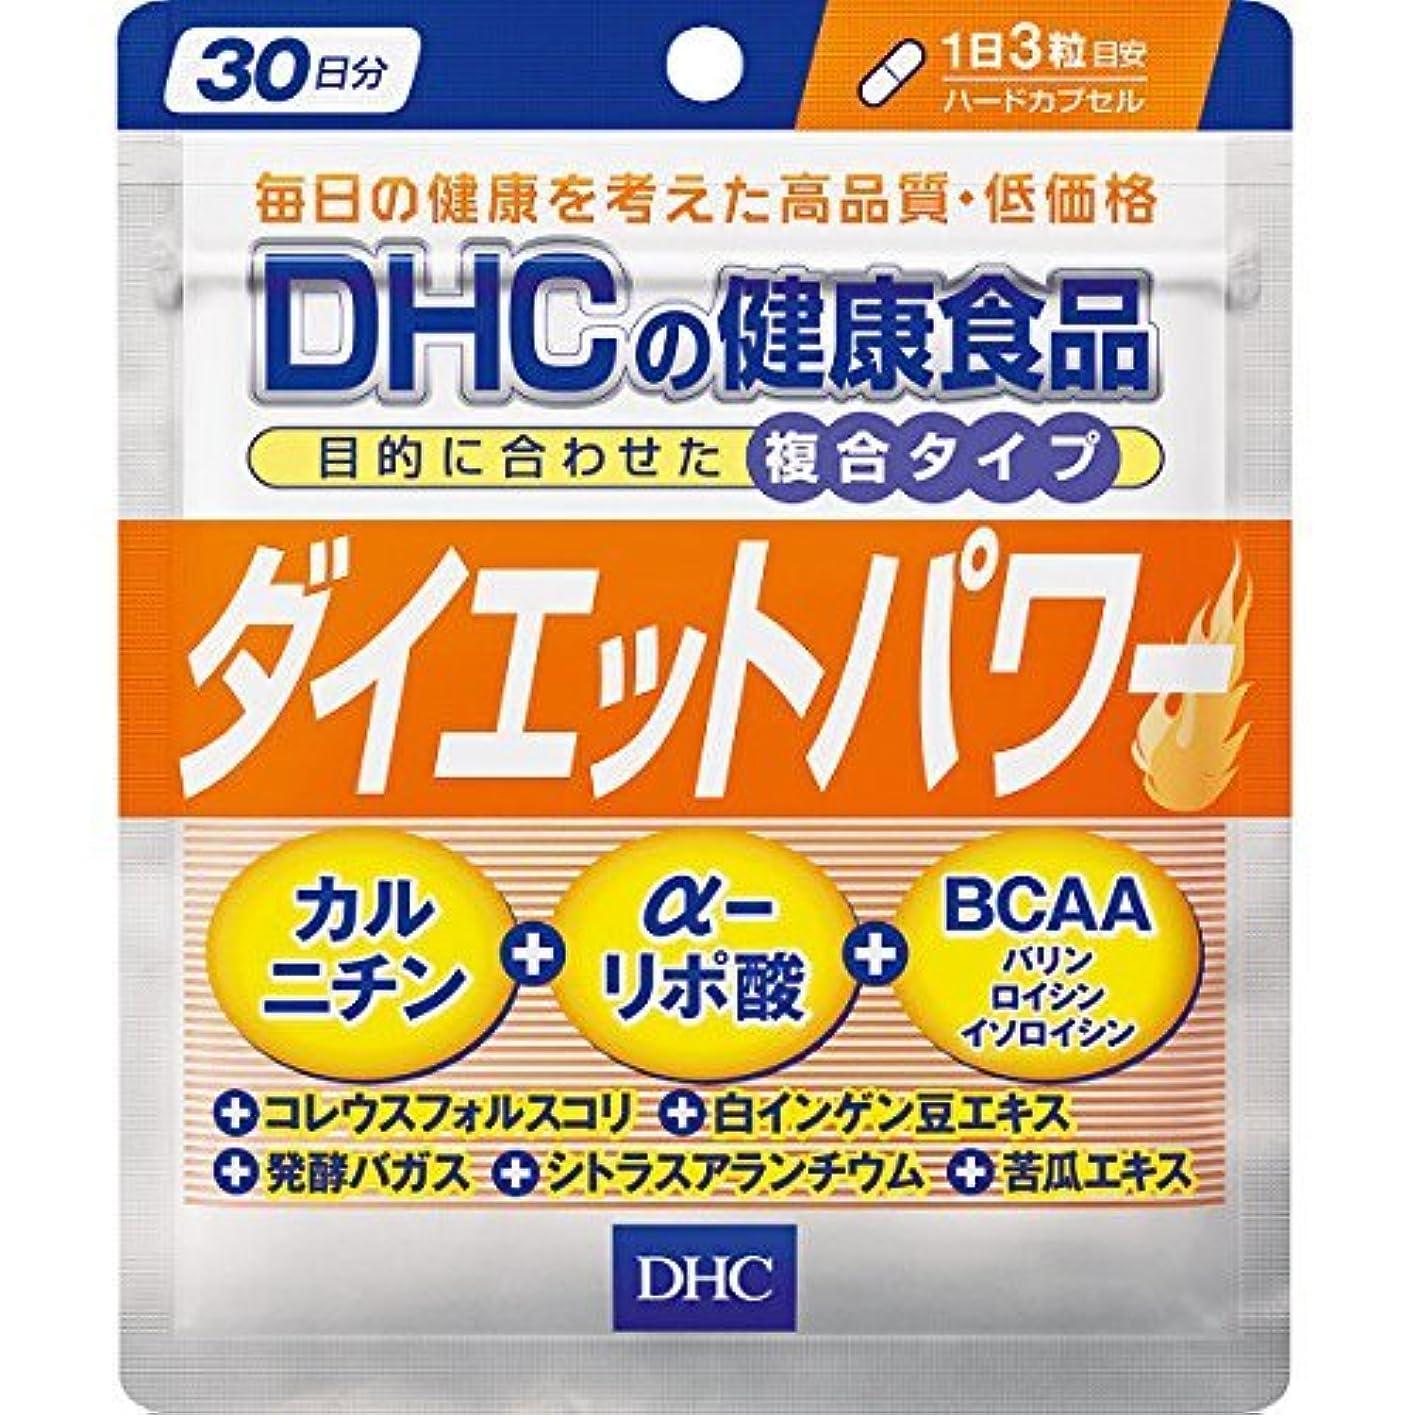 セマフォ戦略ほかにDHC ダイエットパワー 30日分